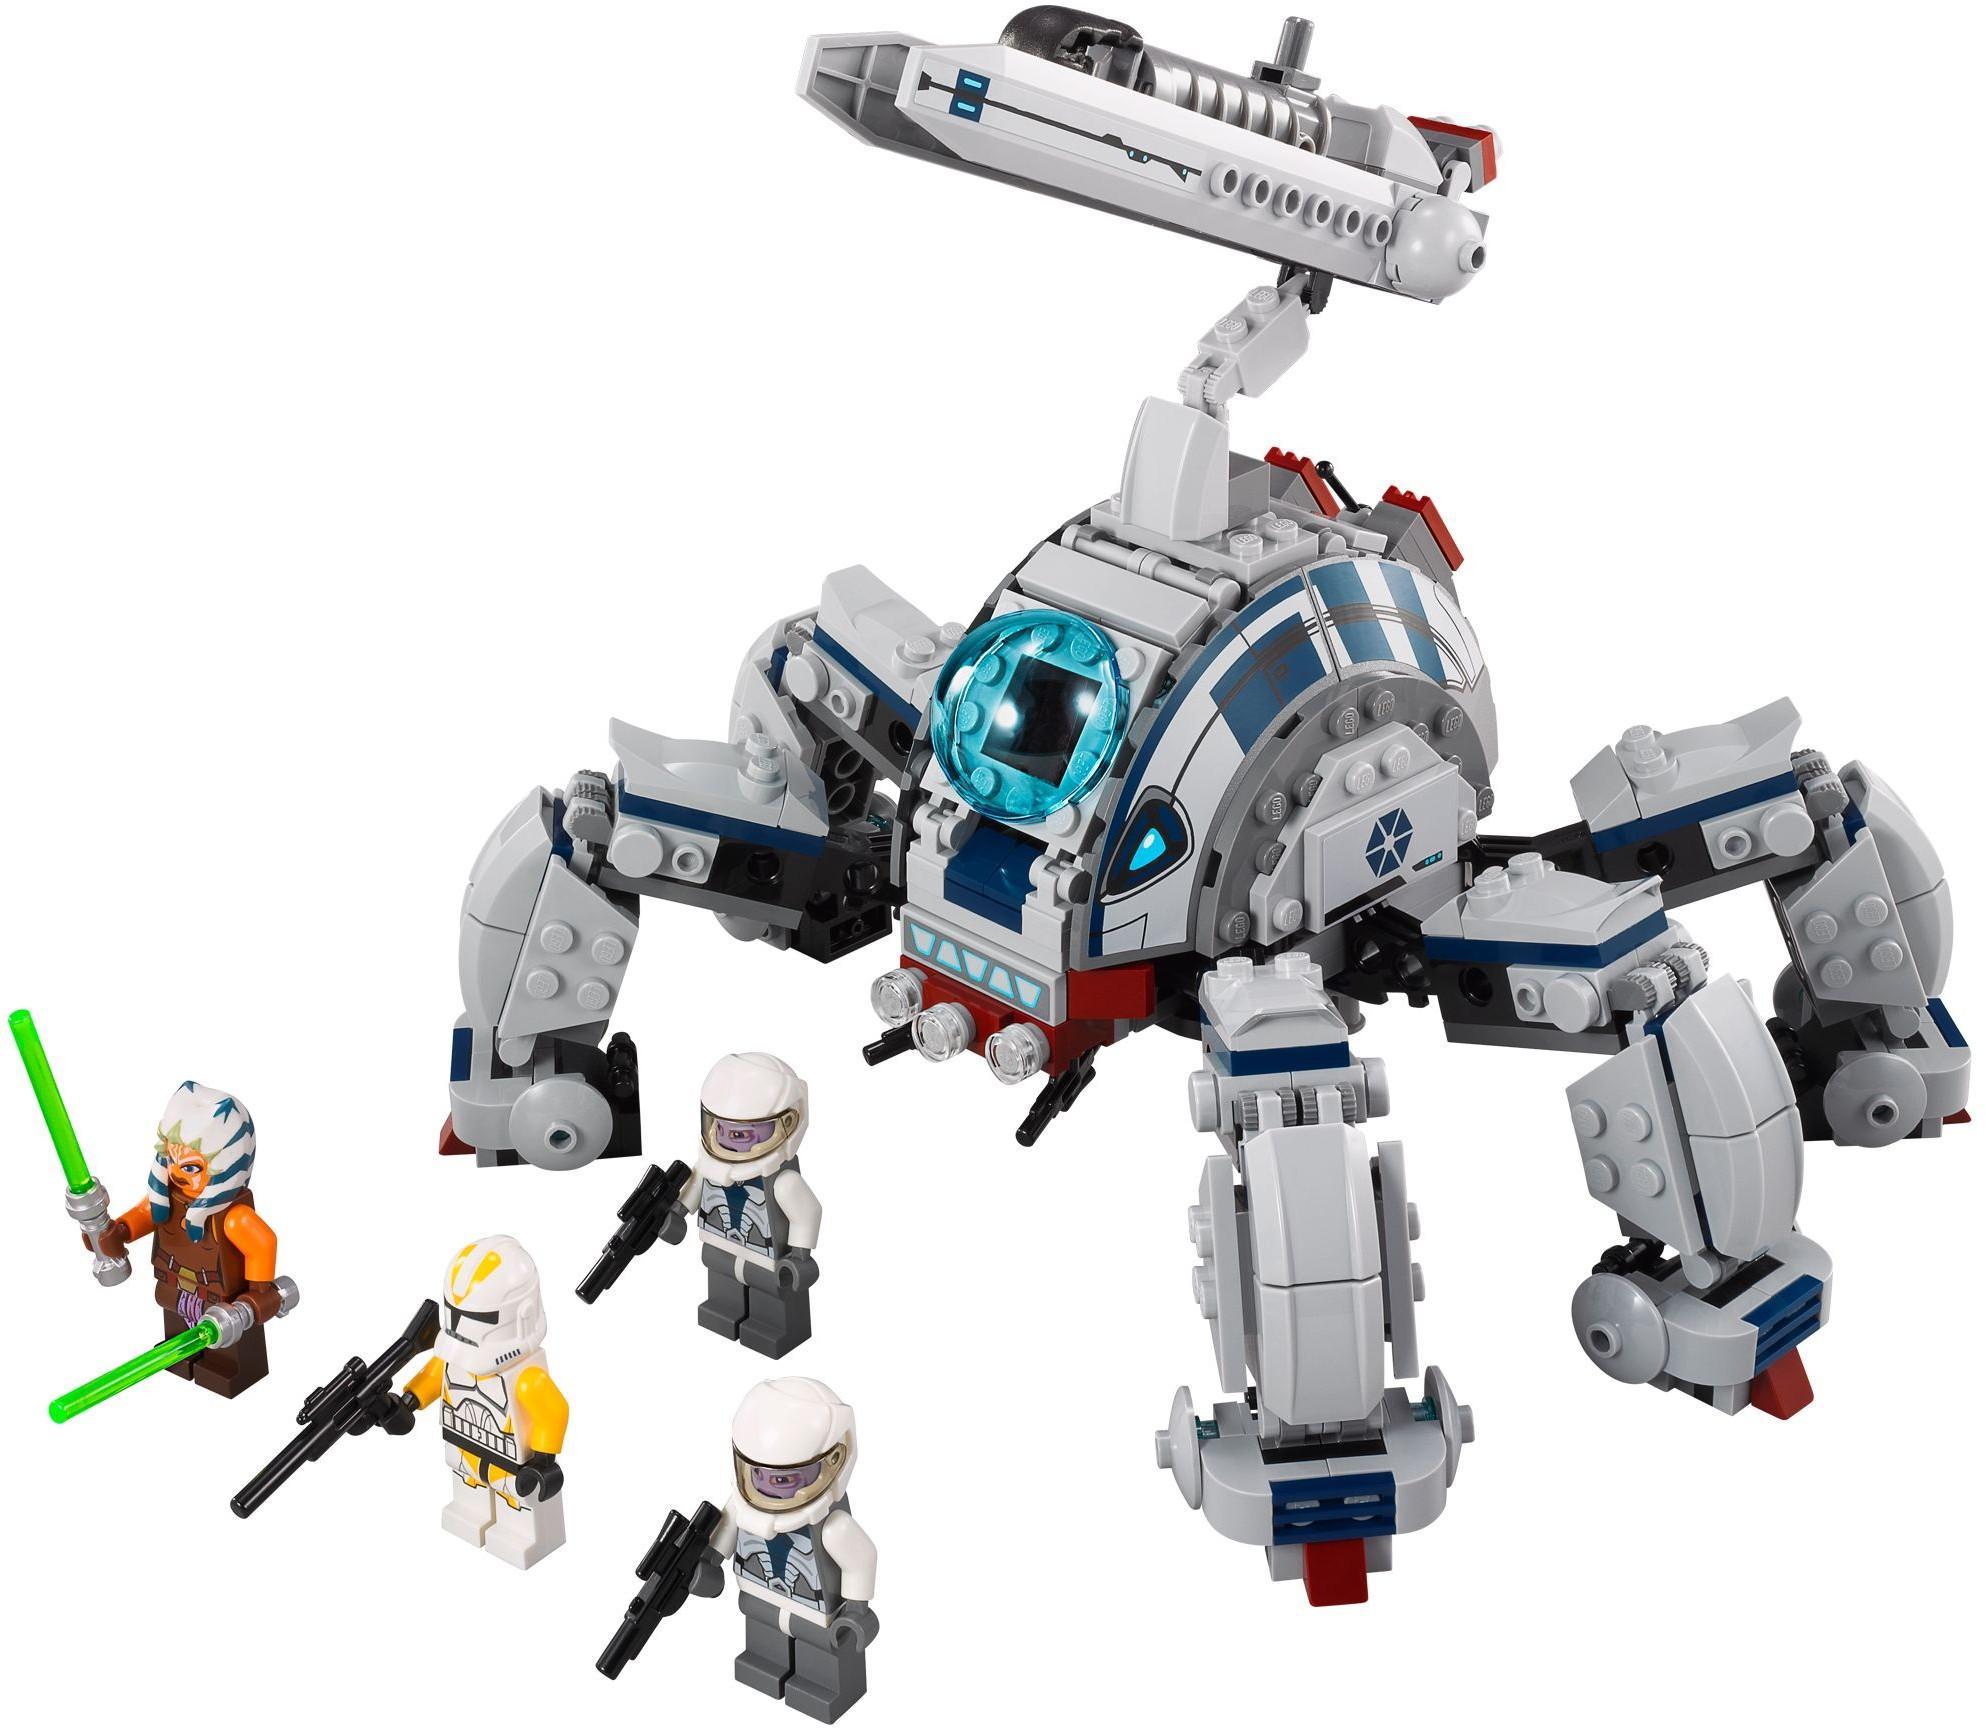 Star Wars Tagged Umbaran Soldier Brickset Lego Set